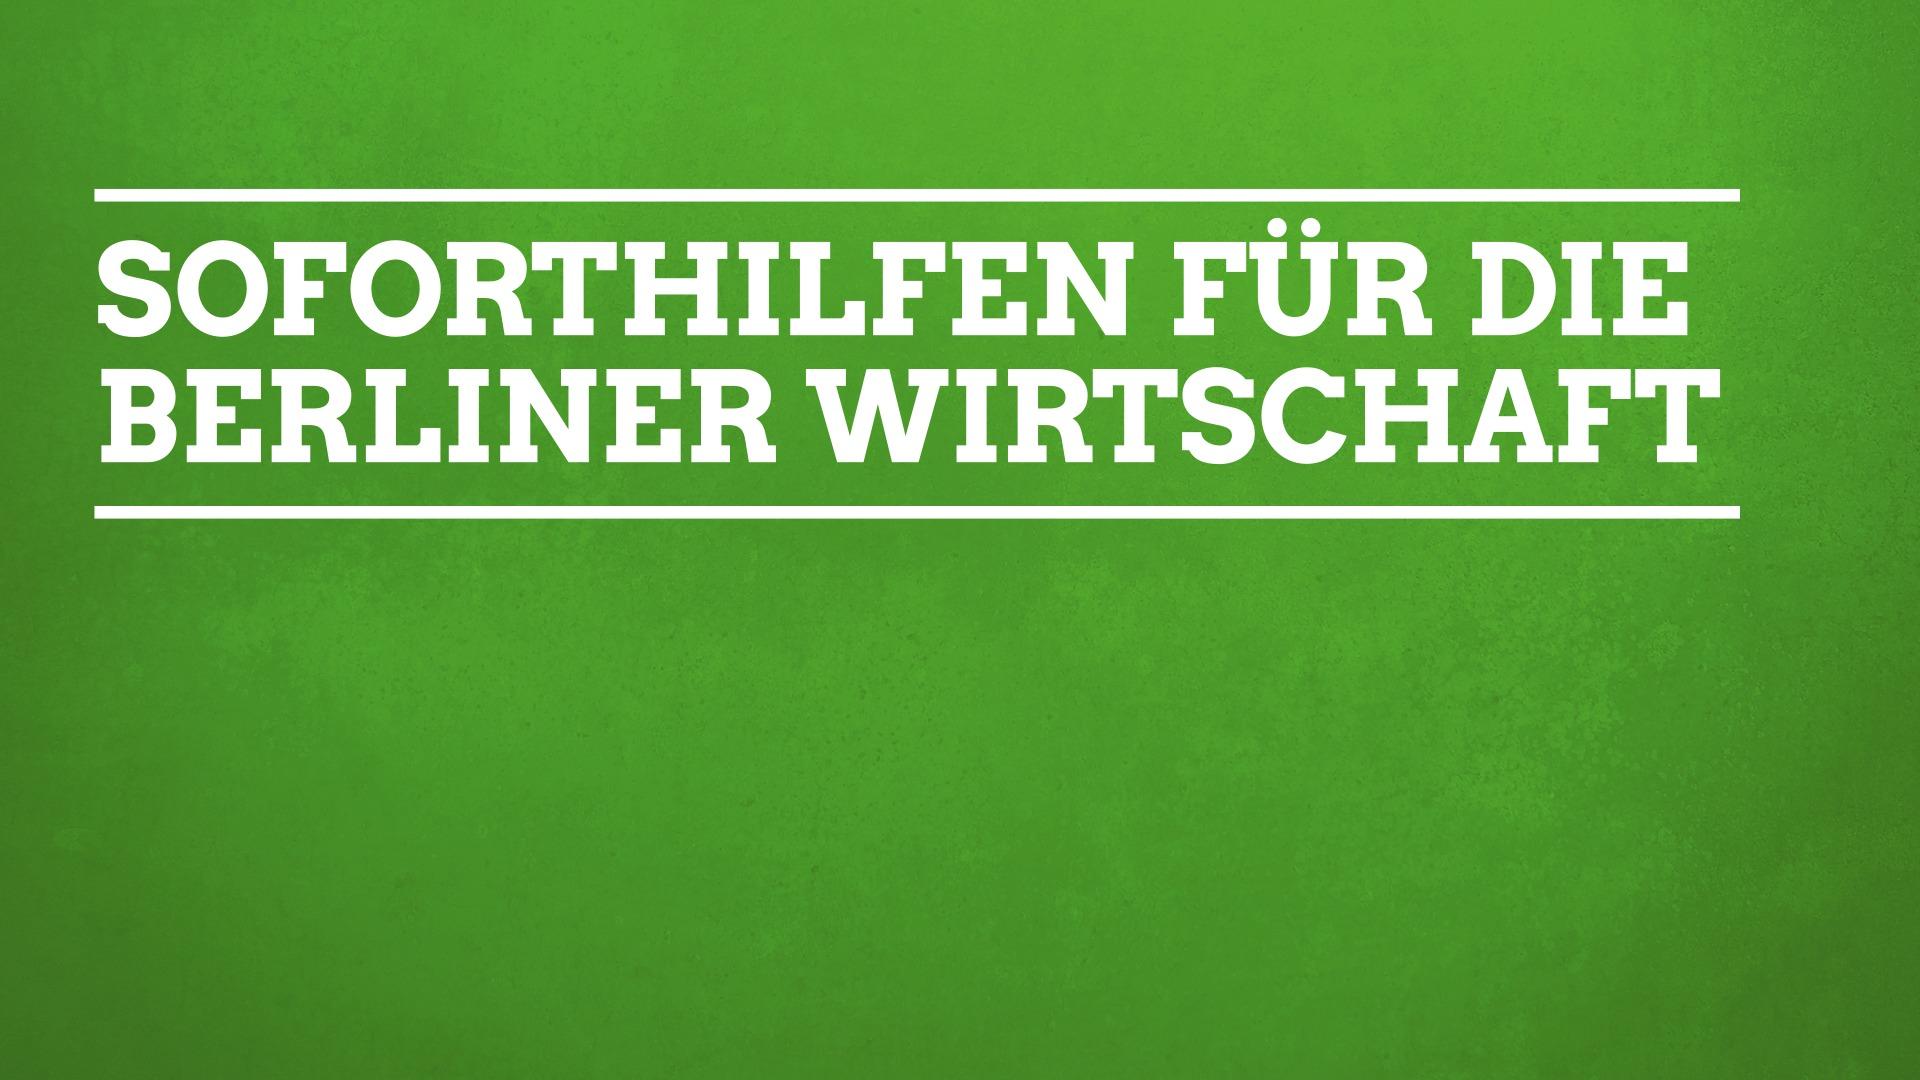 Soforthilfen für die Berliner Wirtschaft